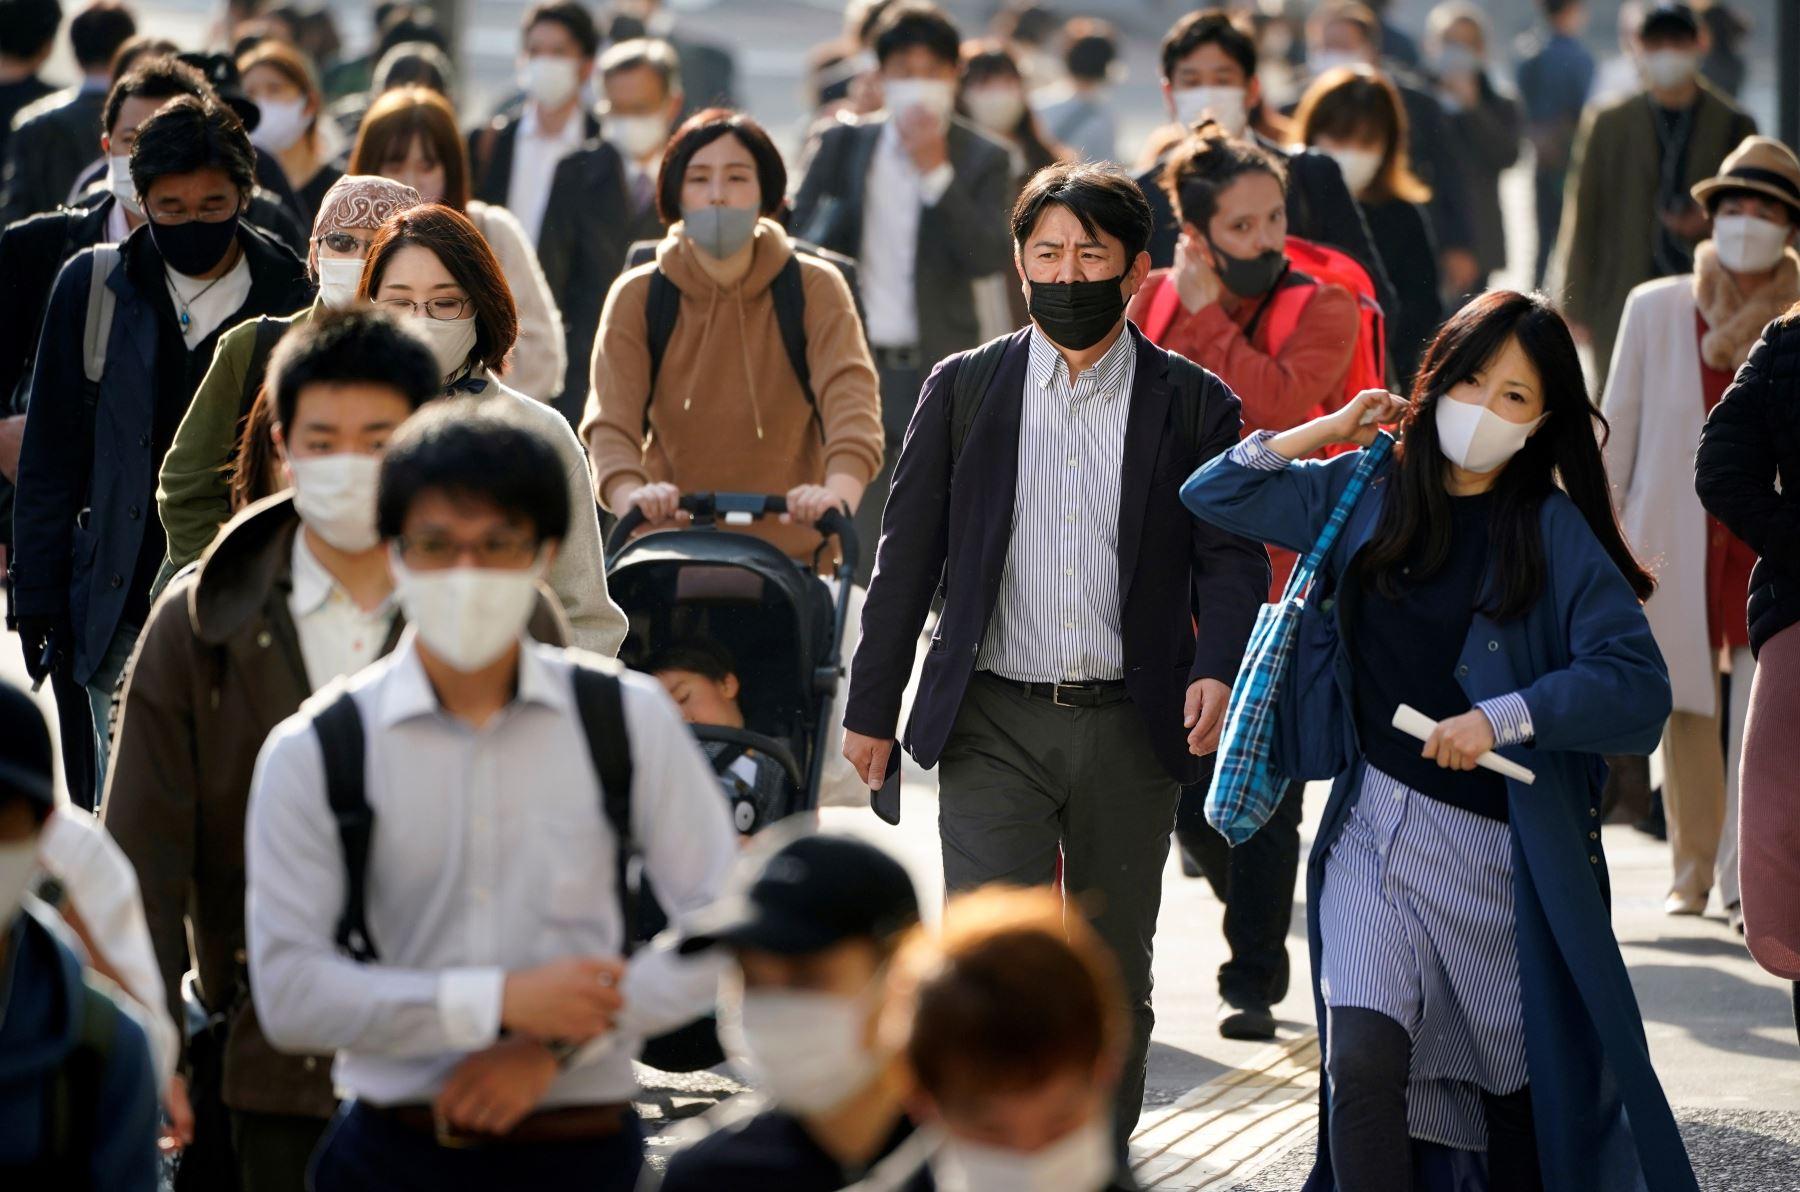 Los peatones caminan por el centro comercial, empresarial y administrativo de Shinjuku en Tokio, Japón. Foto: EFE